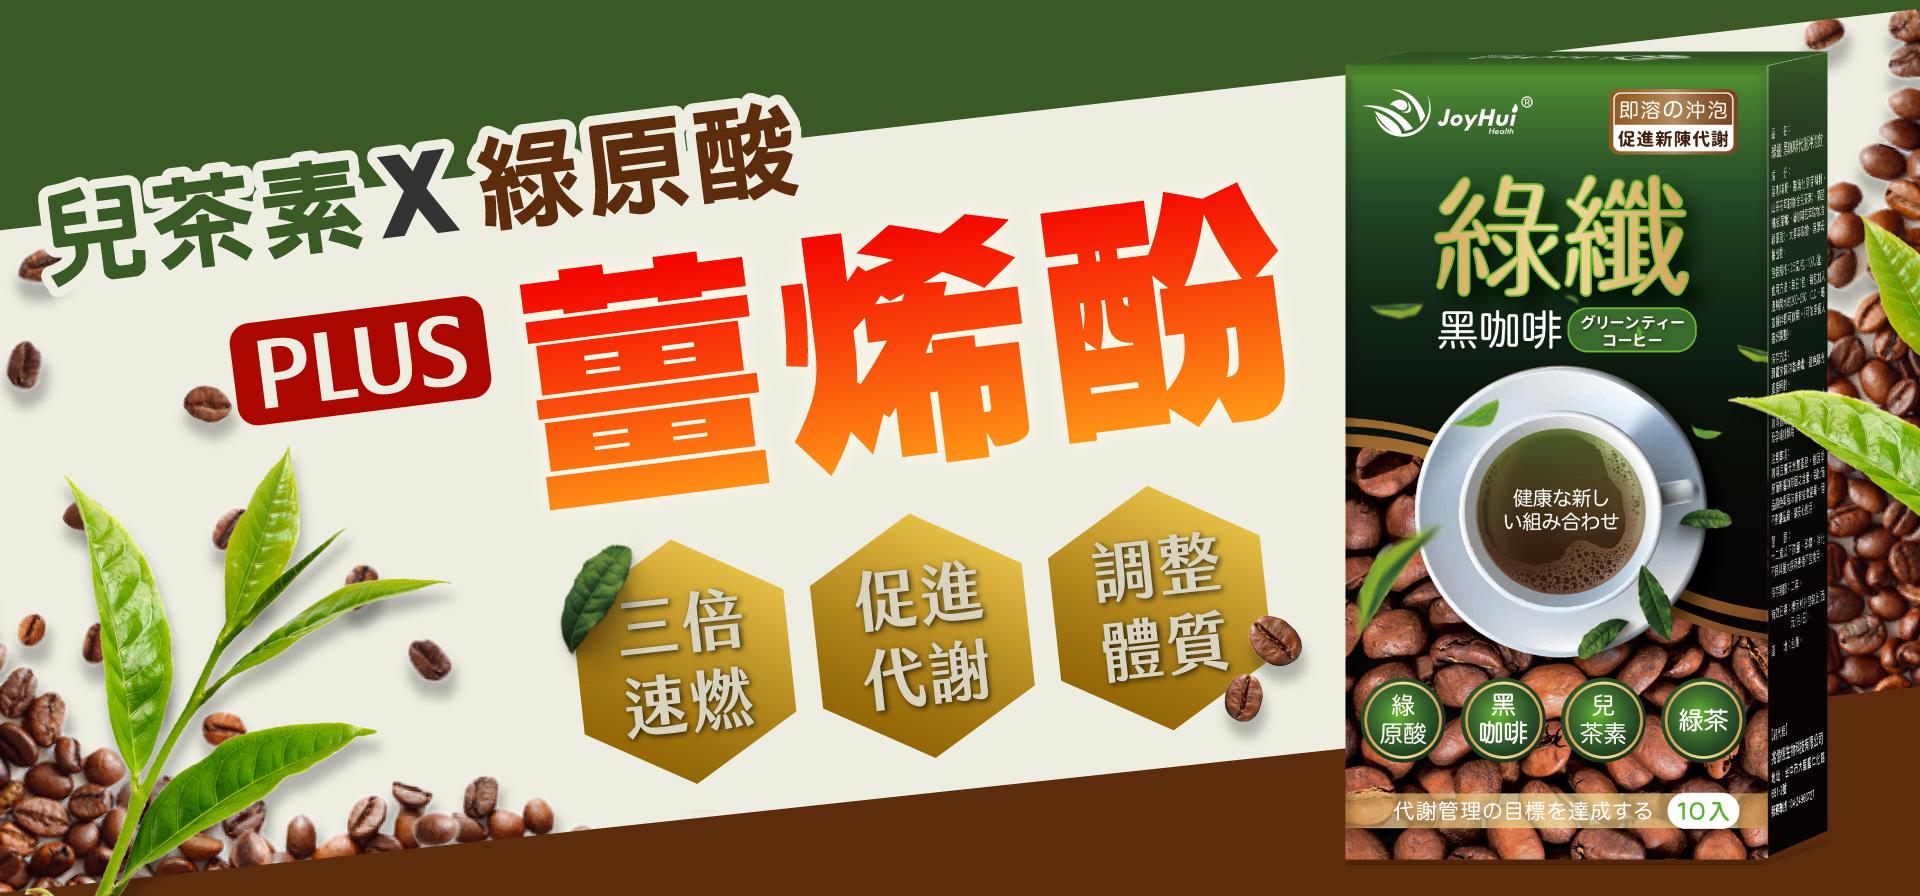 綠纖黑咖啡─綠茶咖啡再進化, 綠原酸,兒茶素,薑烯酚